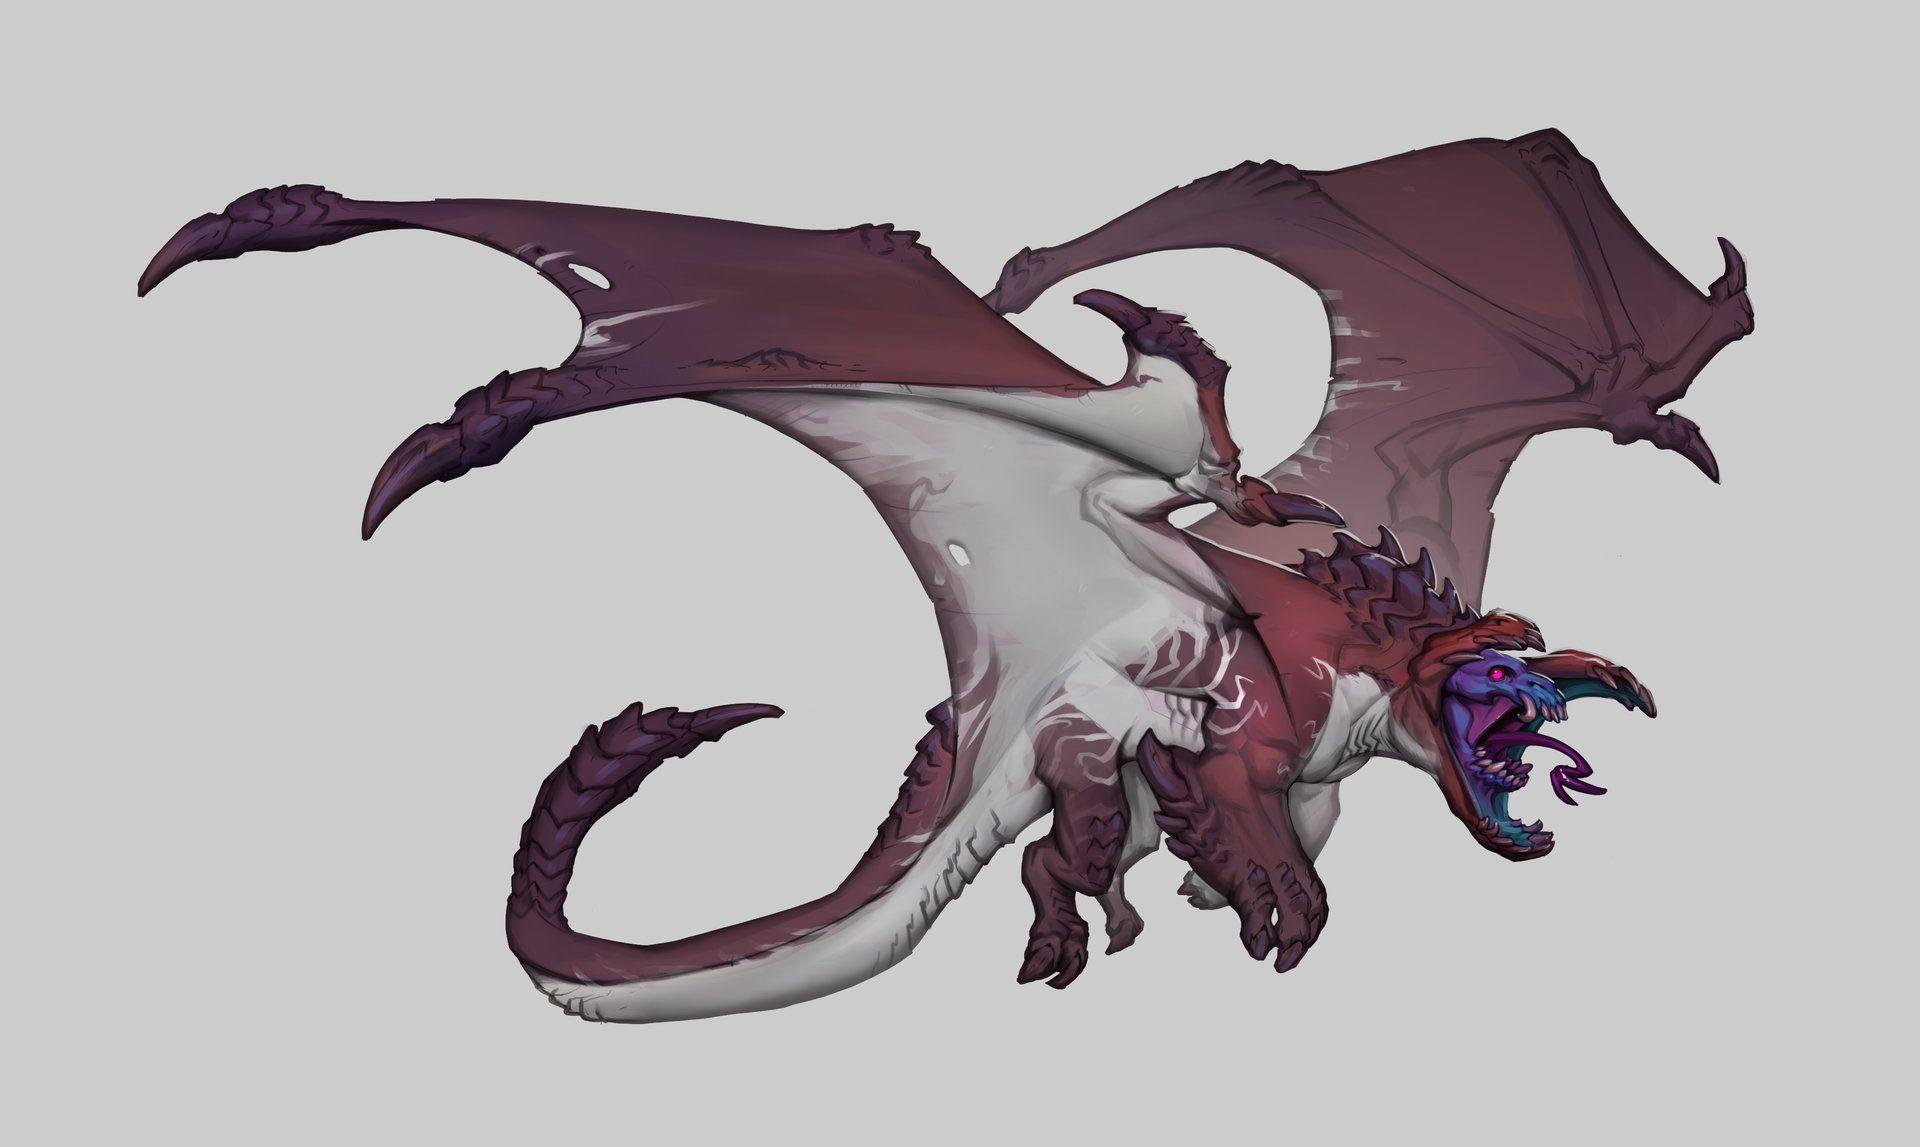 ArtStation - Flying Creatures, Baldi Konijn